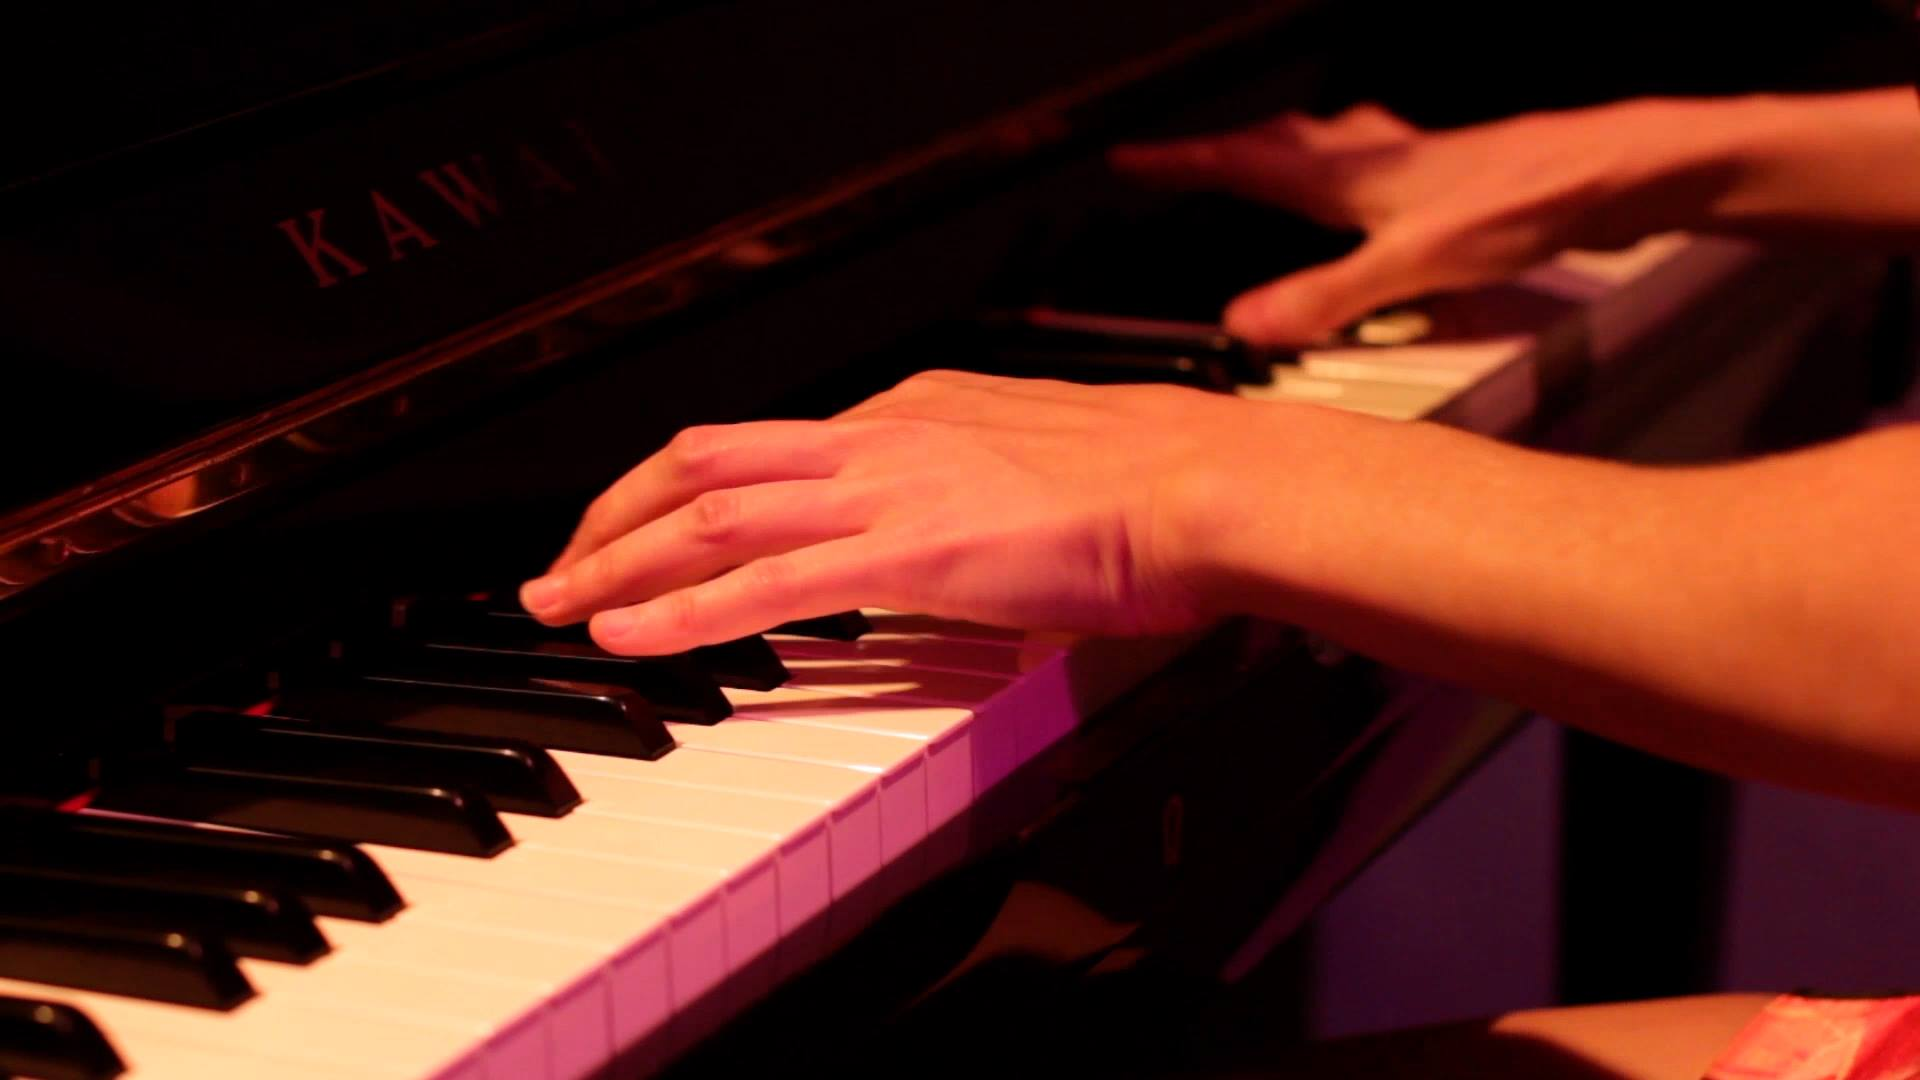 IMÁGENES. VERSONAUTAS. Música y poesía. Roqui Albero (trompeta, flugelhorn y voz) y Ana Sanahuja (piano, teclados). Grabación vídeo teaser en Hat Gallery.